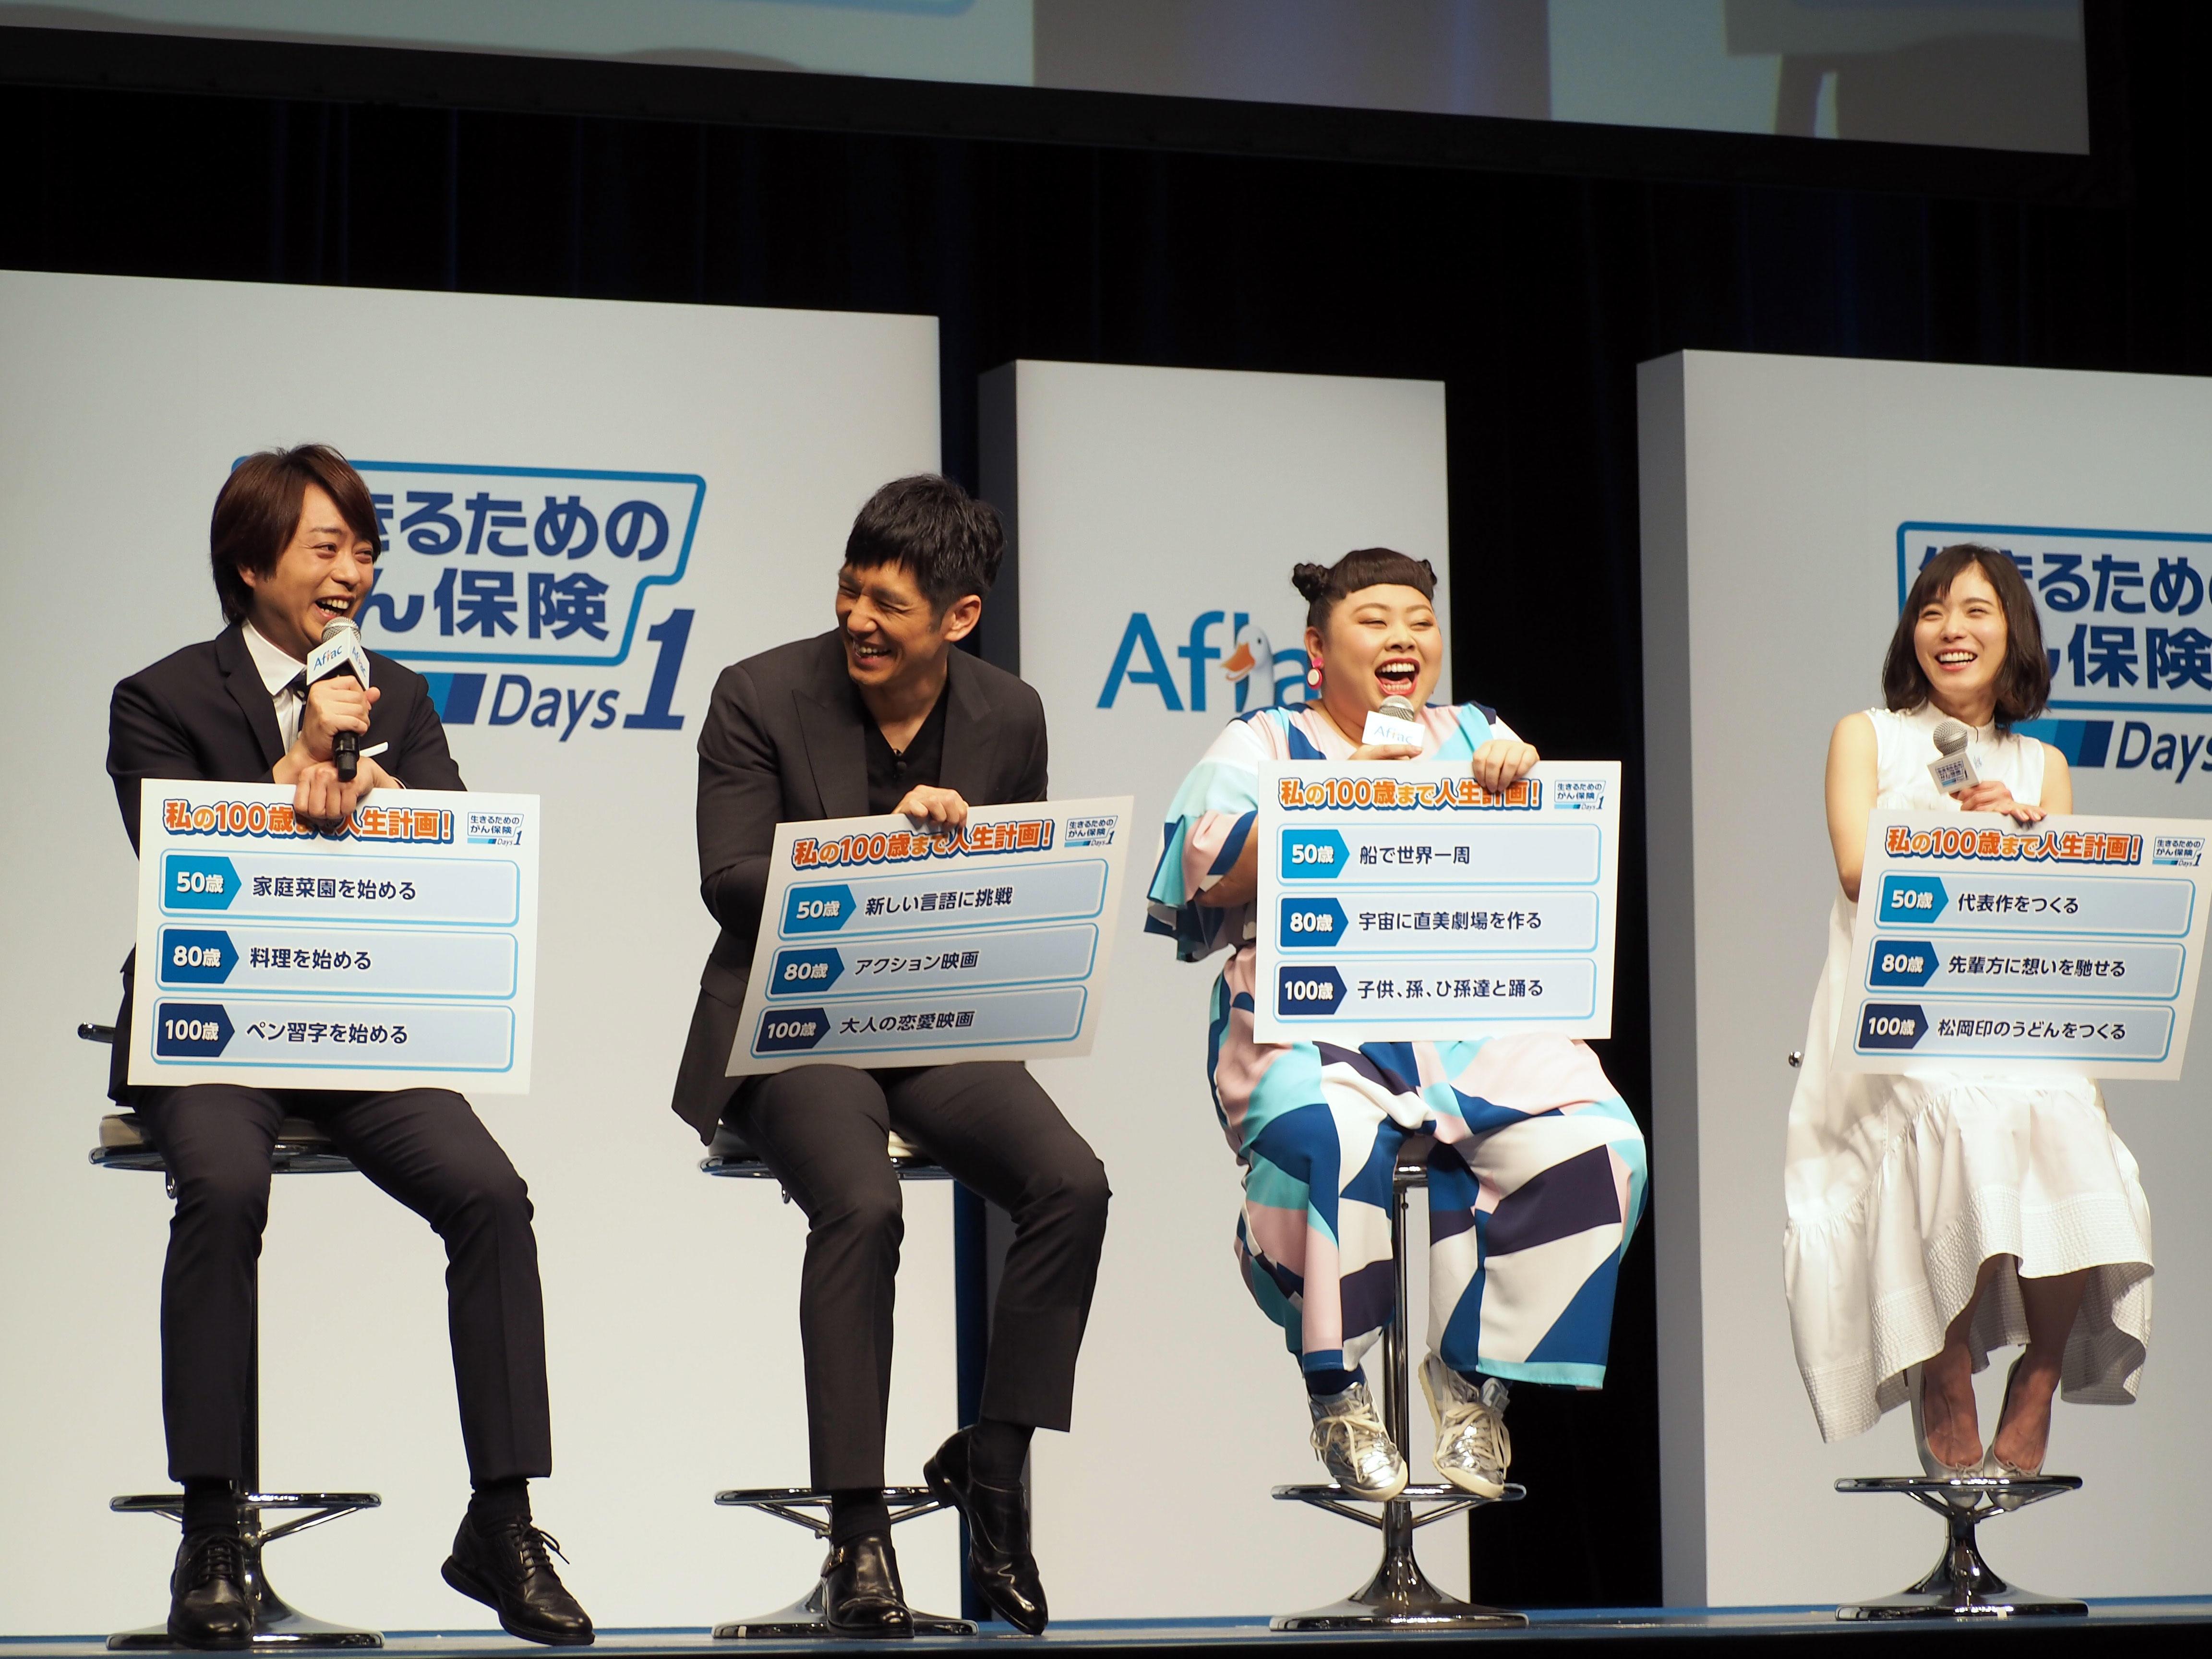 http://news.yoshimoto.co.jp/20180314185502-82eb17810cca5dcdb75940ff3b3a949631430c3e.jpg